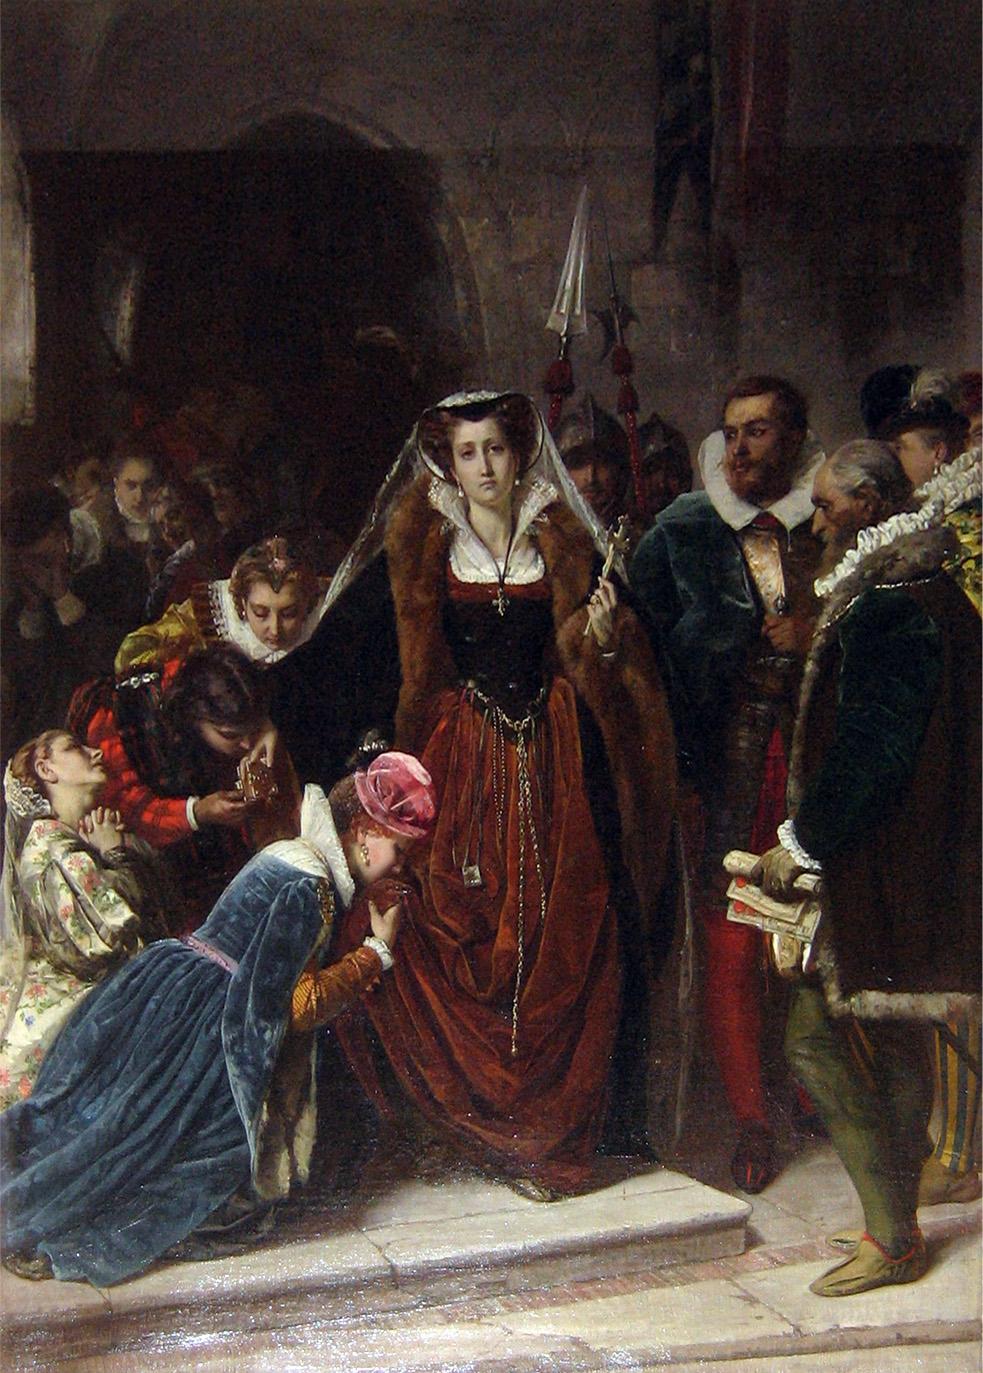 Scipione Vannutelli.Maria Estuardo camino del patíbulo. Cuadro ganador de la exposición de Florencia de 1861. Galeria de arte moderno. Florencia.